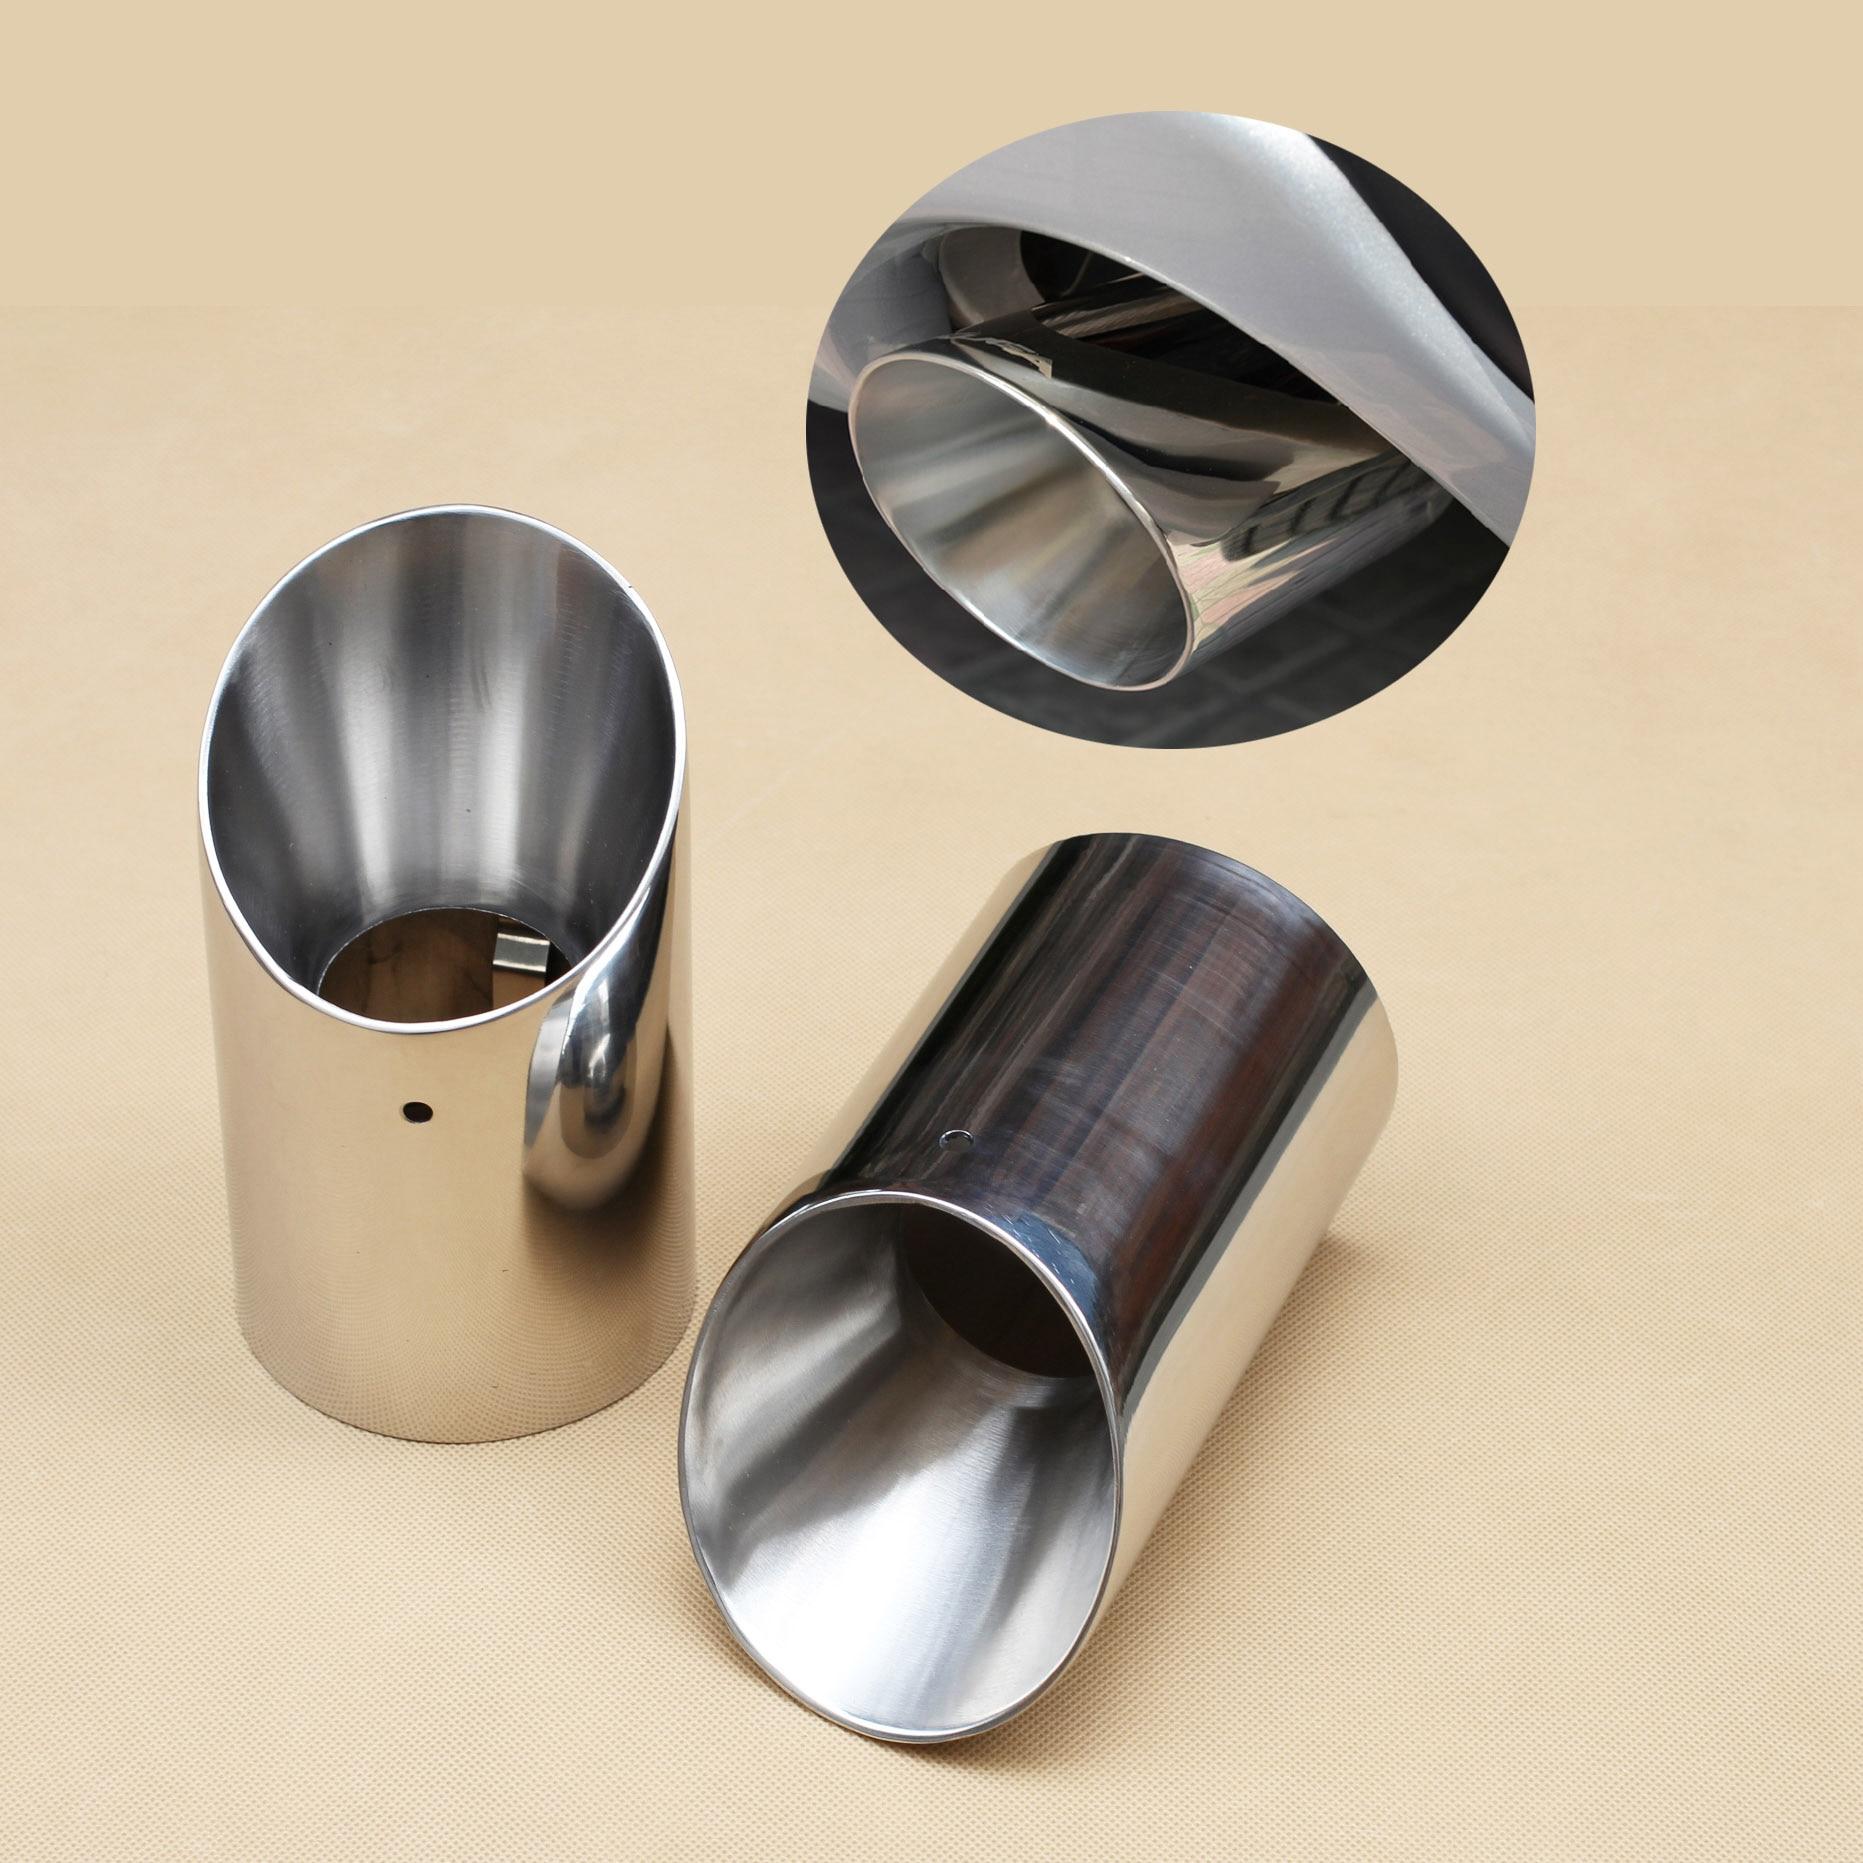 Garniture de couvercle de silencieux de tuyau d'échappement de queue de voiture en acier inoxydable pour Ford Escape Kuga 2013 2014 2015 2016 2017 accessoires